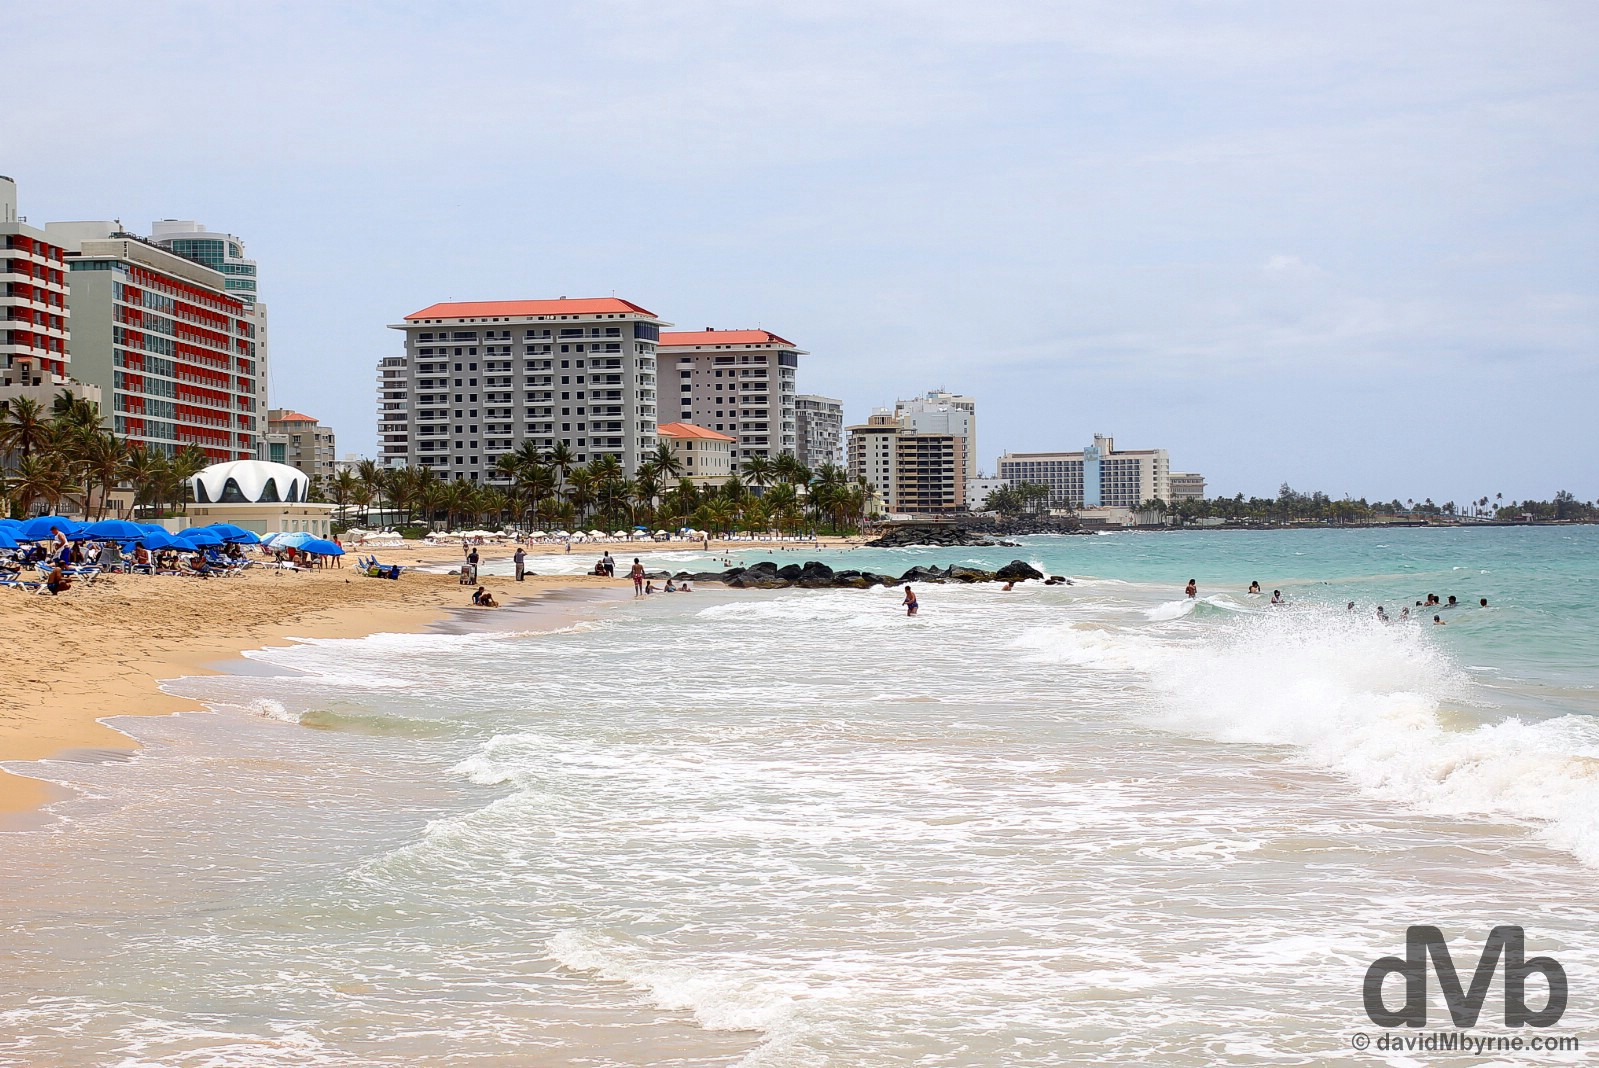 Playa Ocean Park in San Juan, Puerto Rico, Greater Antilles. June 1, 2015.